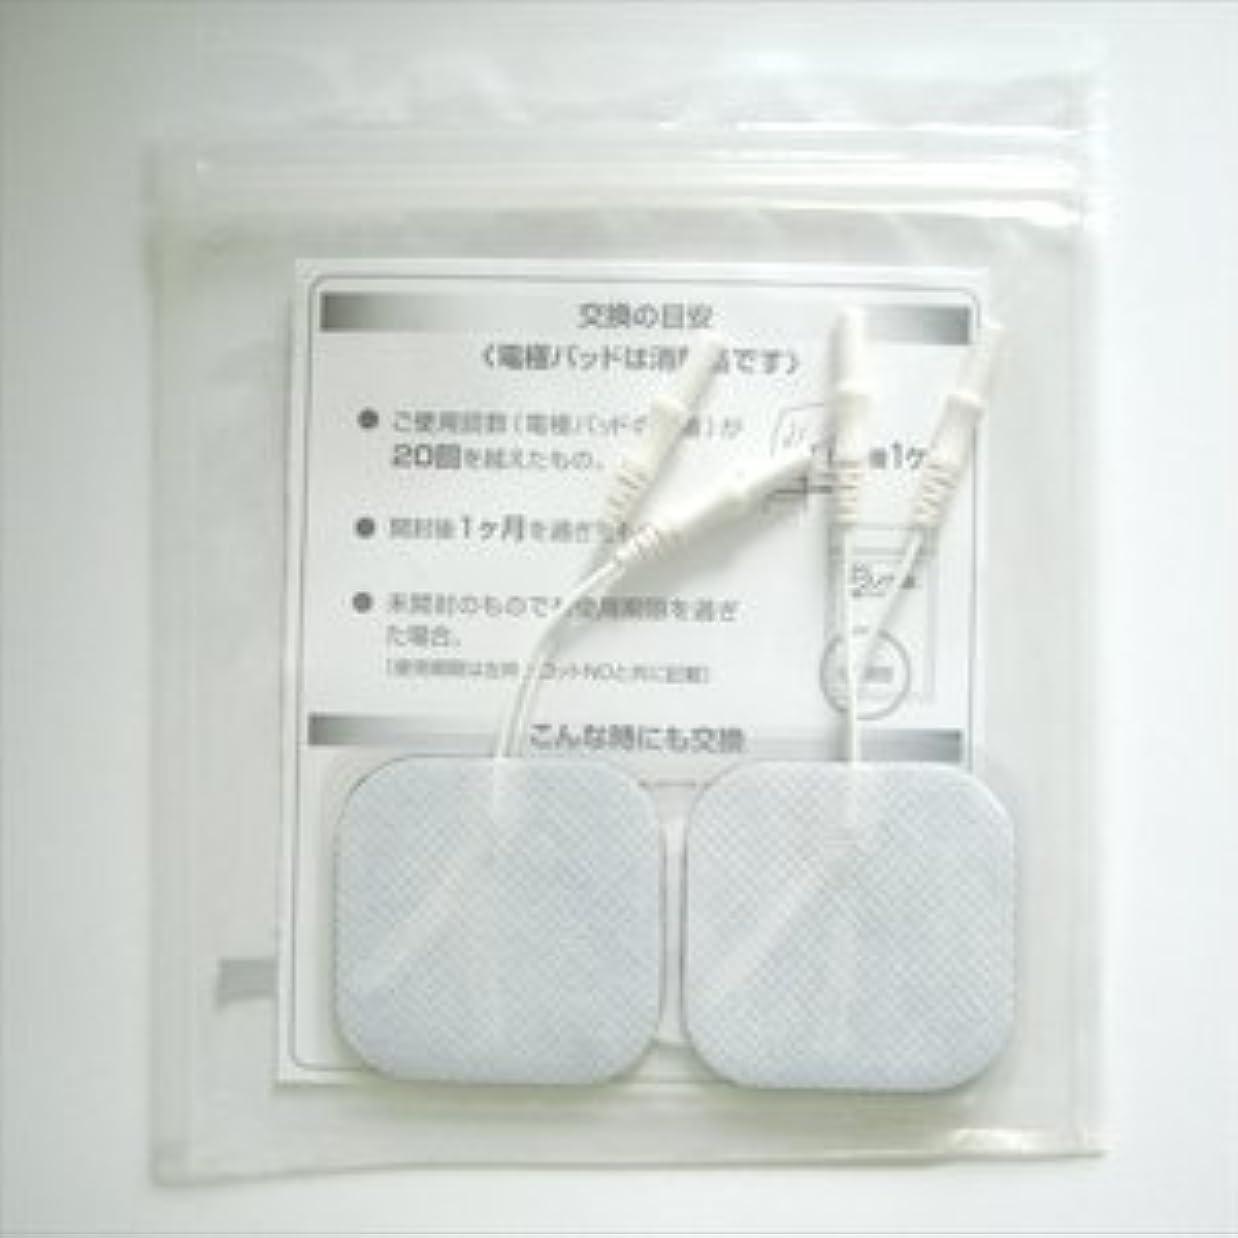 官僚定数【積水化成品工業】テクノゲル低周波電極パッド(中)5cm×5cm(1袋4枚入)